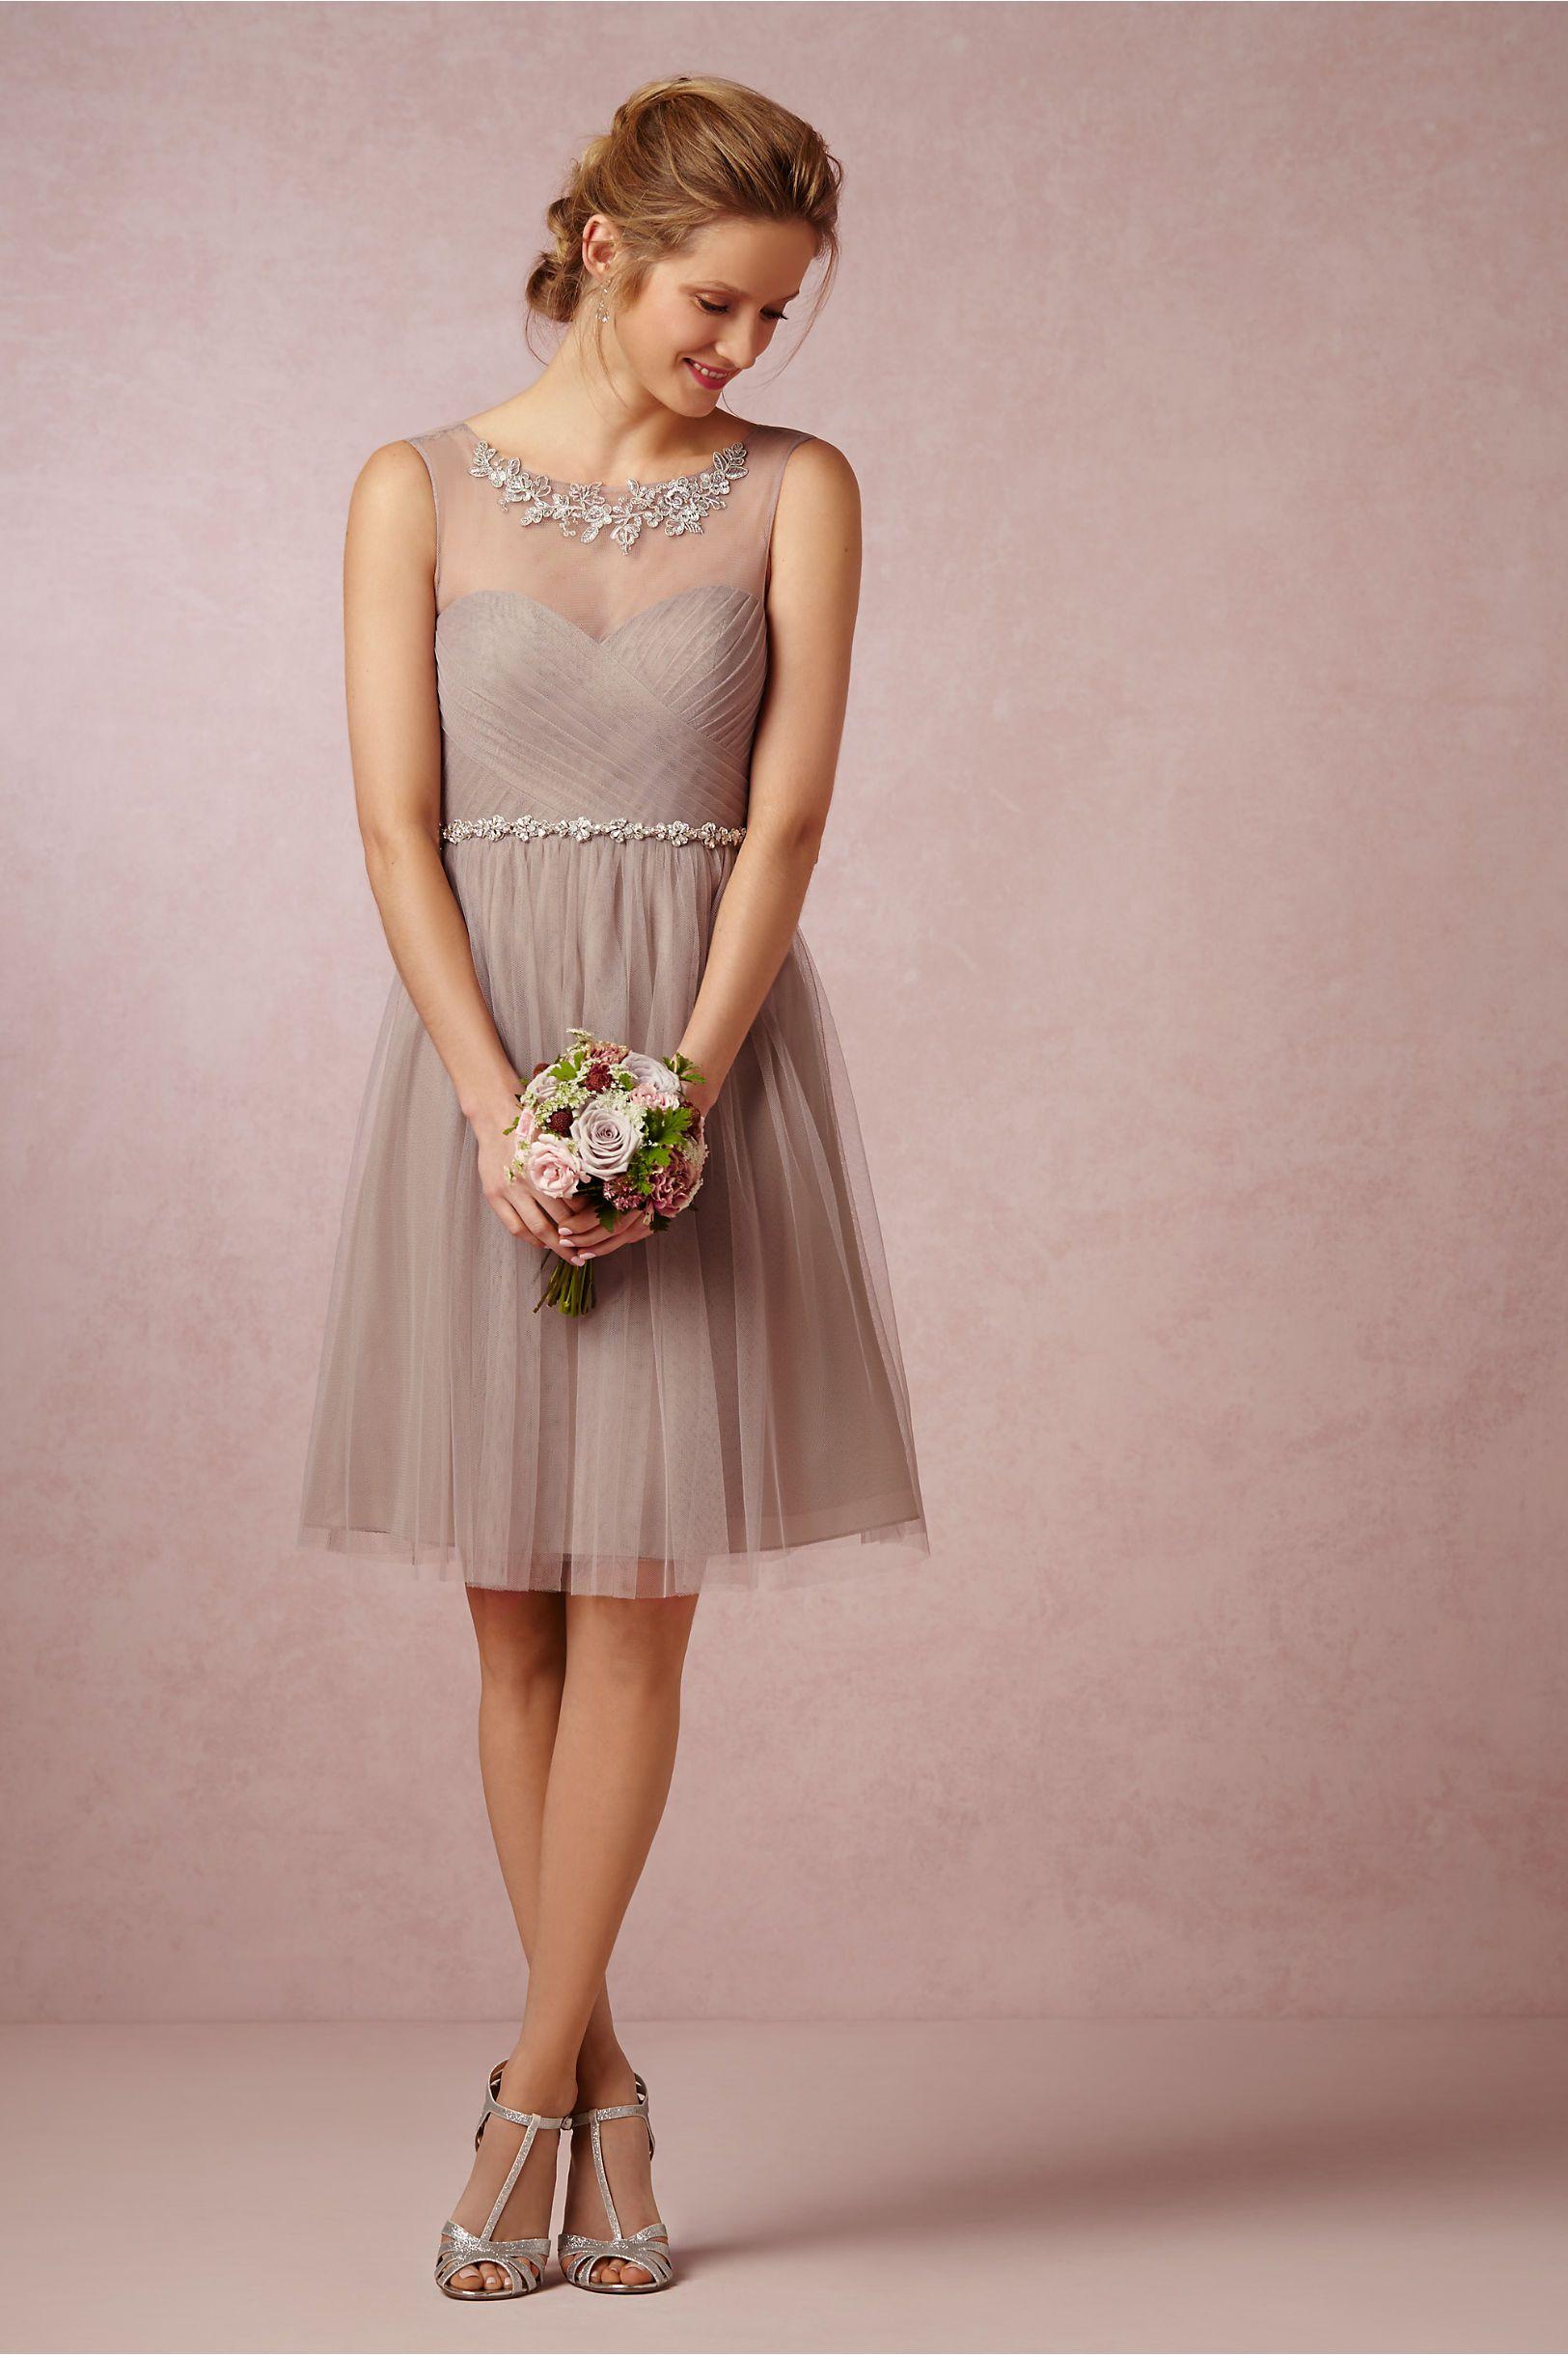 Chloe Dress in Bridal Party & Guests Bridesmaids at BHLDN   10.10 ...